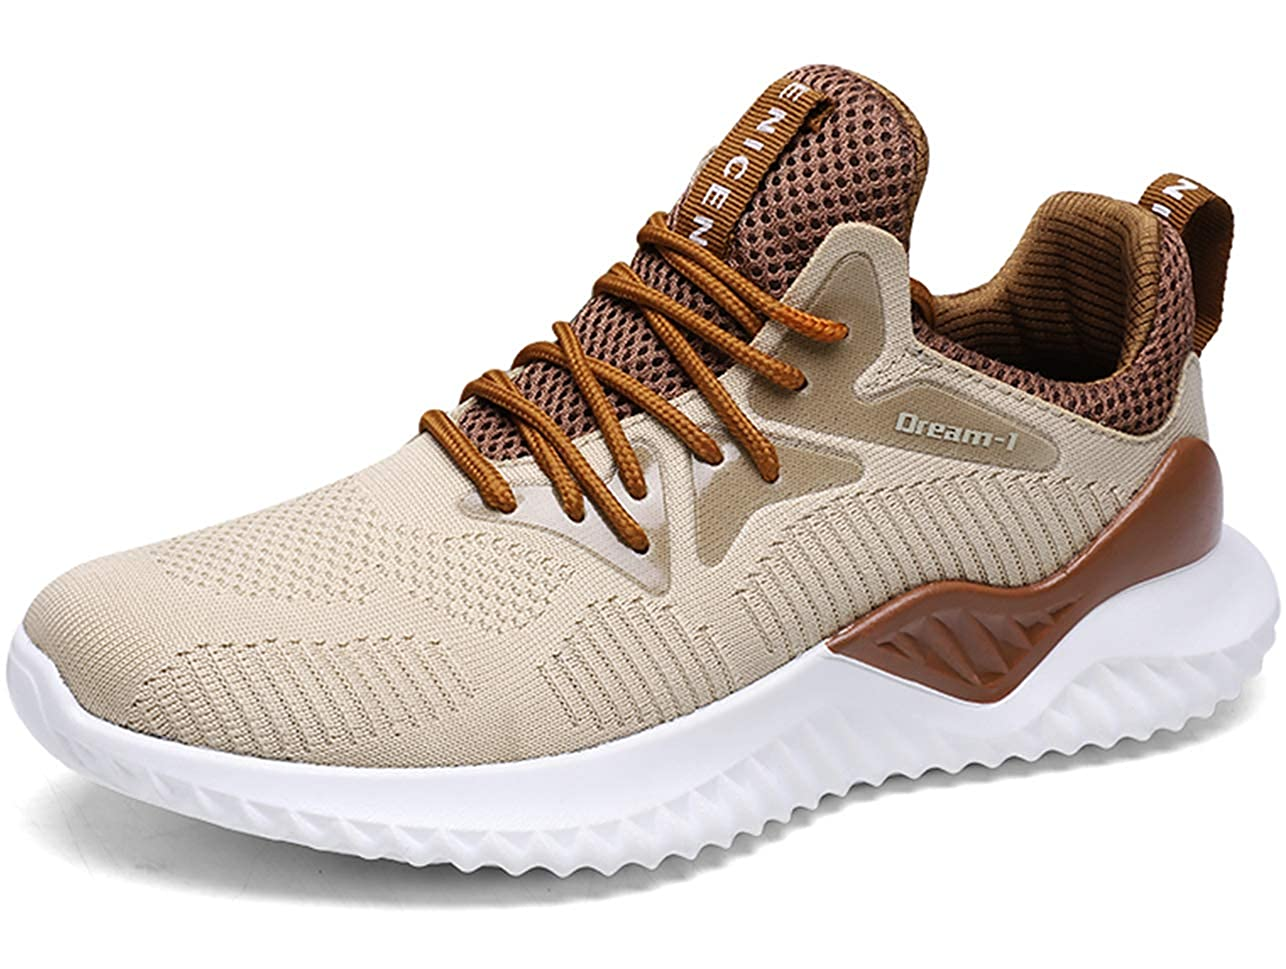 GJRRX Zapatillas Running para Hombre Aire Libre y Deporte Transpirables Casual Zapatos Gimnasio Correr Sneakers 39-46 1810-2